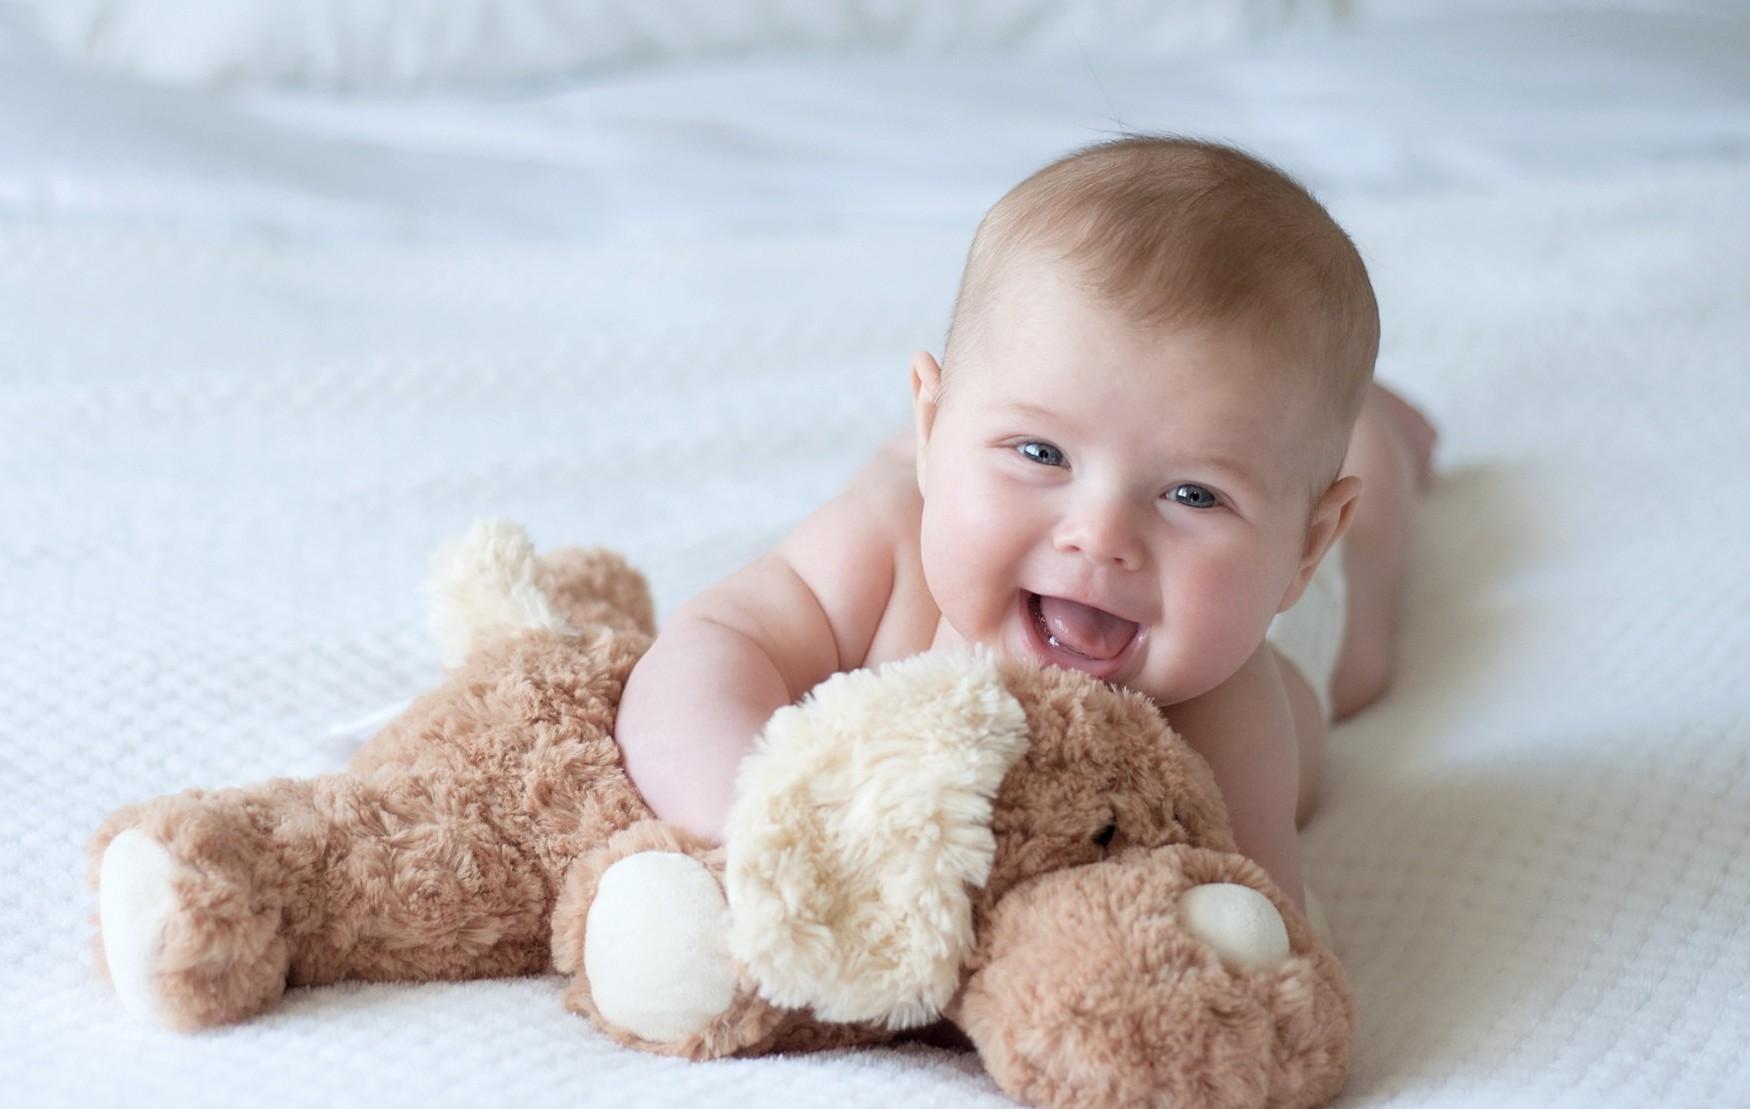 В детском центре Львова неожиданно умер годовалый малыш